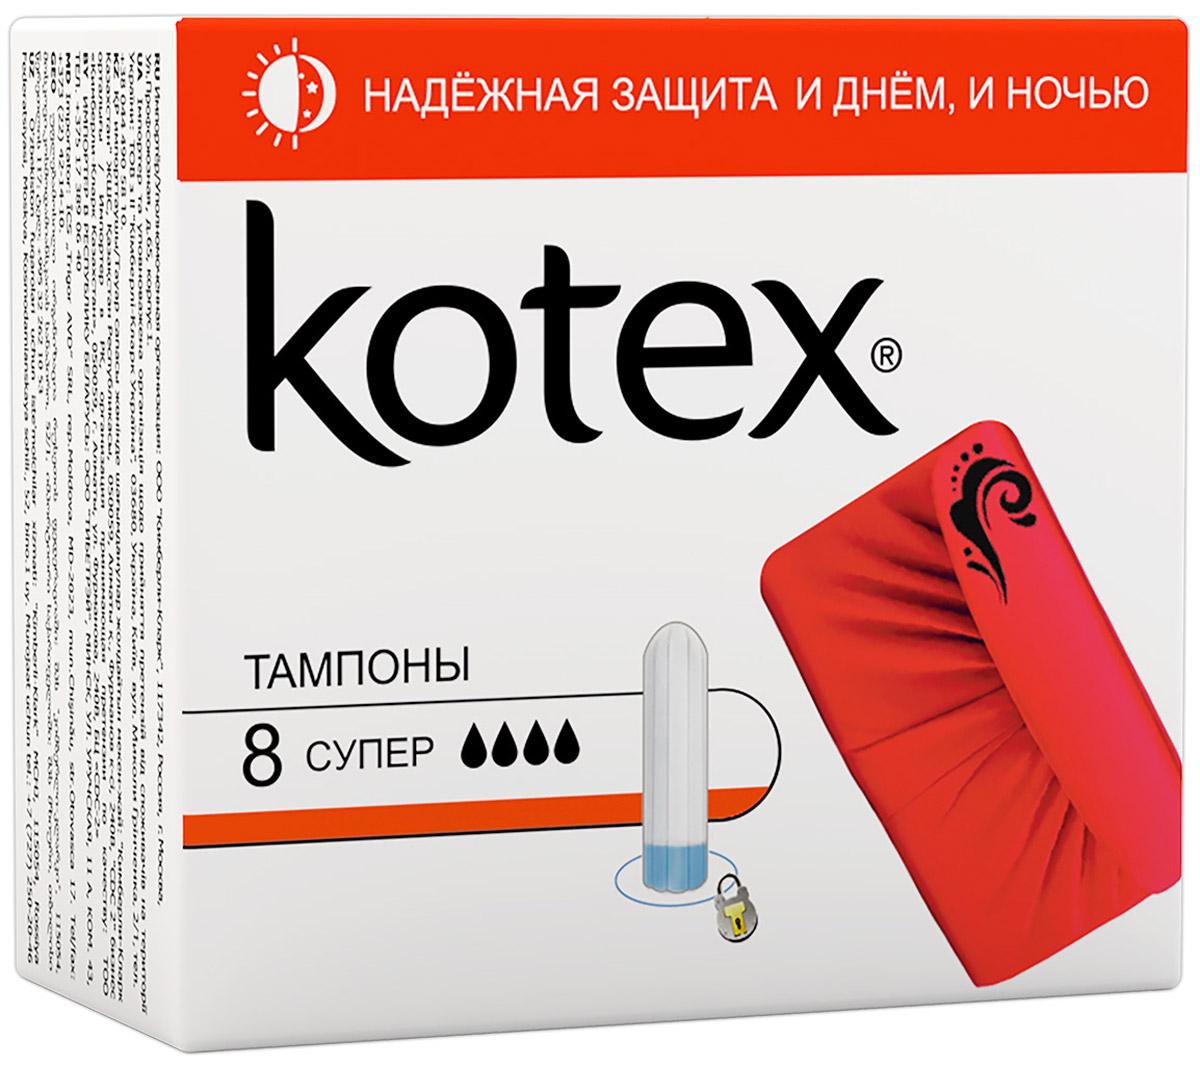 Kotex Тампоны Super, 8 шт26061322Тампоны Kotex UltraSorb. Super выполнены из высококачественных волокон вискозы (трилобальные волокна). Это позволяет им обеспечивать надежную защиту от протеканий, но при этом быть меньше по размеру и легко принимать анатомическую форму, что более комфортно при использовании. Голубая зона UltraSorb из специальных волокон в основании тампона, надежно удерживает влагу и защищает от протеканий. Усовершенствованное верхнее покрытие Silky Cover (шелковистое покрытие) обеспечивает максимальный комфорт при введении. Шелковый прочный вытяжной шнурок. Характеристики:Количество тампонов: 8 шт. Размер упаковки тампонов: 5,7 см х 3 см х 5,3 см. Артикул: 1353740. Производитель: Чехия. Товар сертифицирован.